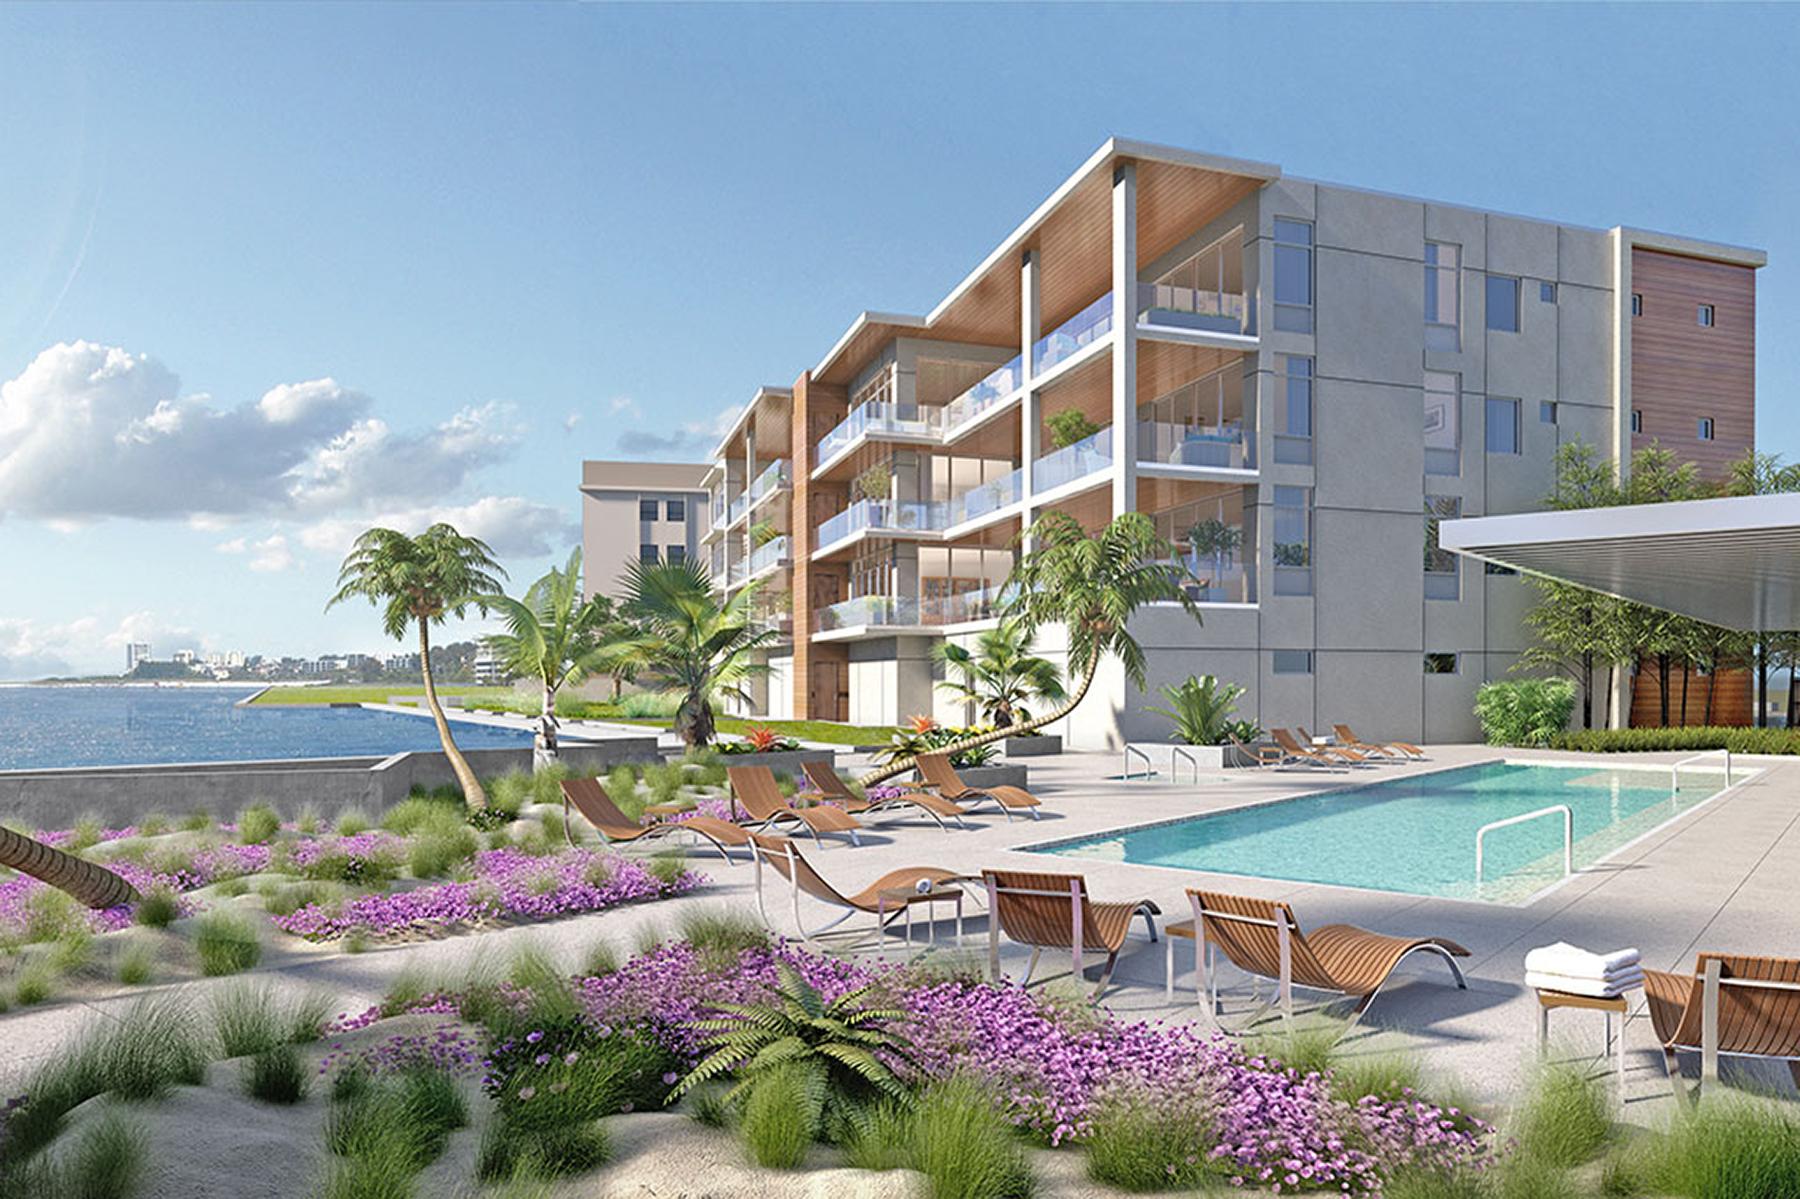 Condominio por un Venta en 4740 Ocean Blvd , 301 Penthou, Sarasota, FL 34242 4740 Ocean Blvd 301 Penthou Sarasota, Florida, 34242 Estados Unidos